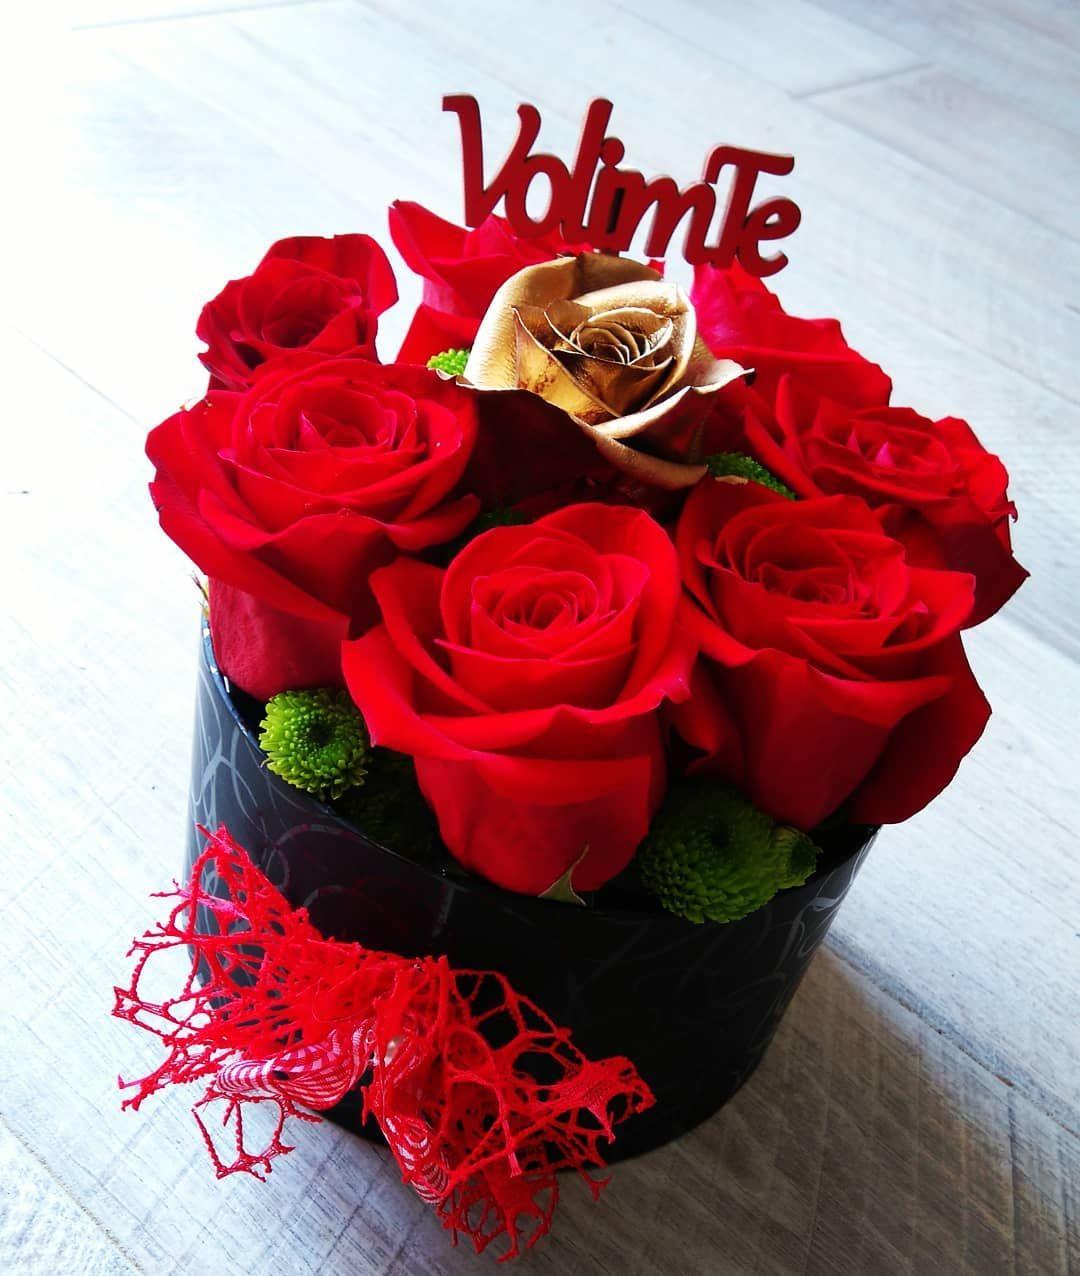 Demetra Pale Precious Surprise Flowershop Florist